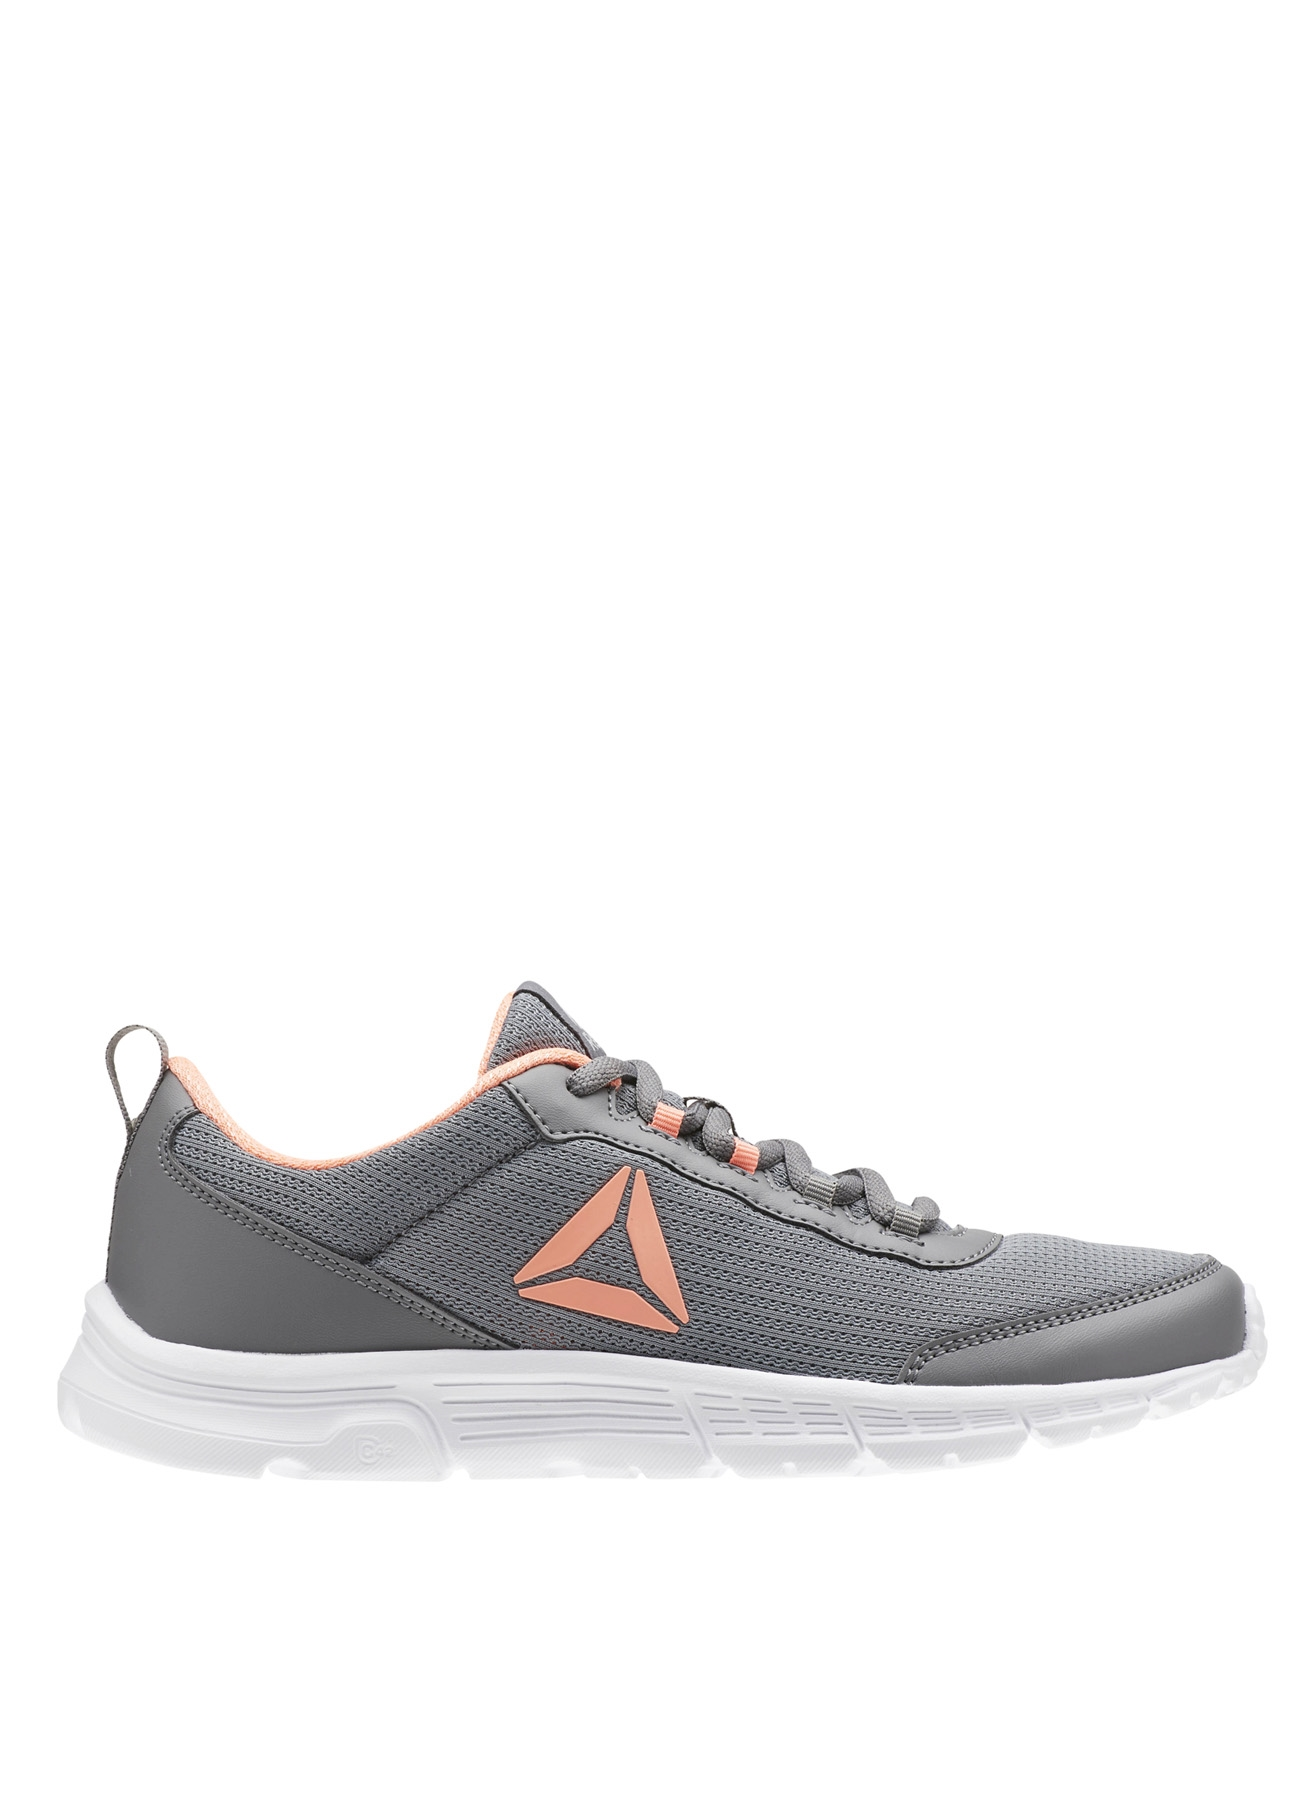 Reebok Speedlux 3.0 Koşu Ayakkabısı 37 5001633324002 Ürün Resmi